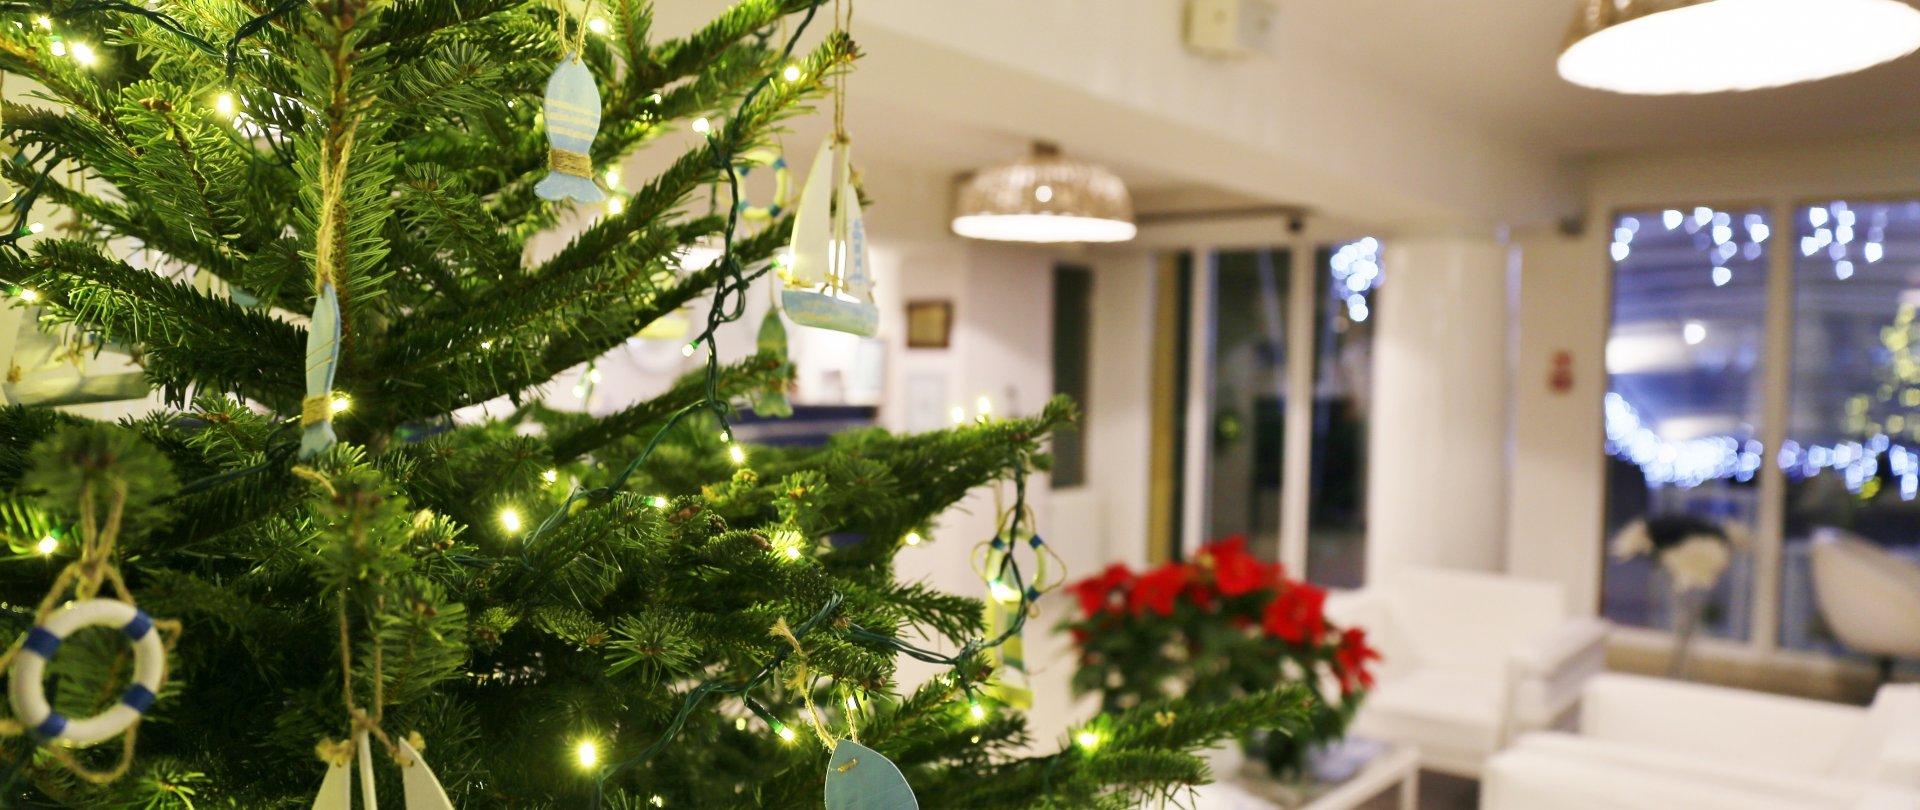 Magic Christmas at the Bryza Hotel